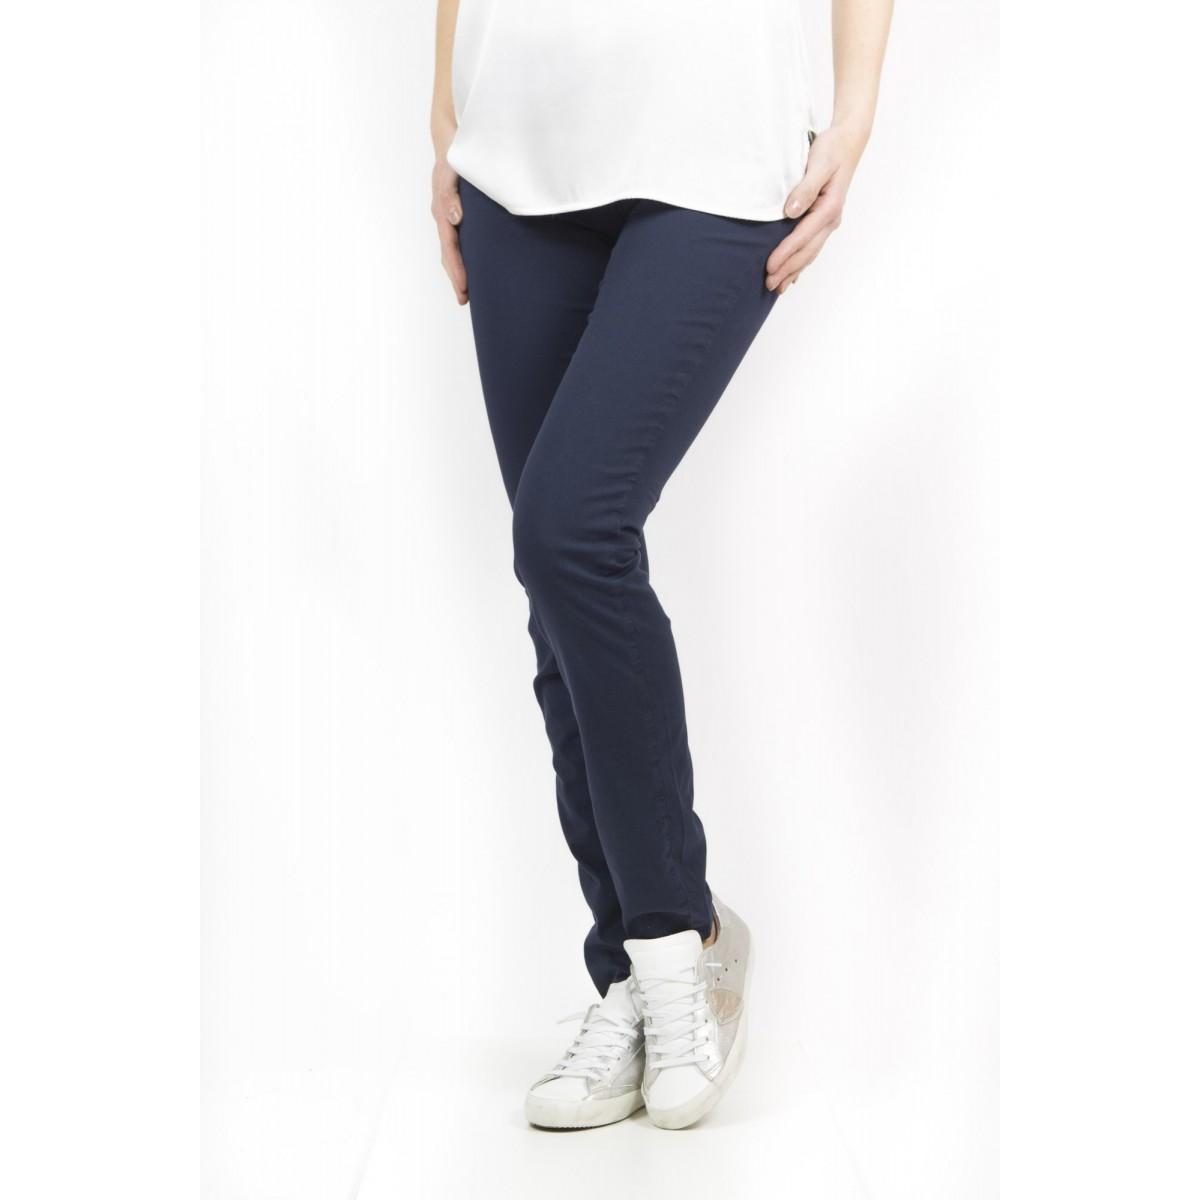 Trousers Roy Rogers Woman - Cate Gabardina Summer Strech 001 - blu